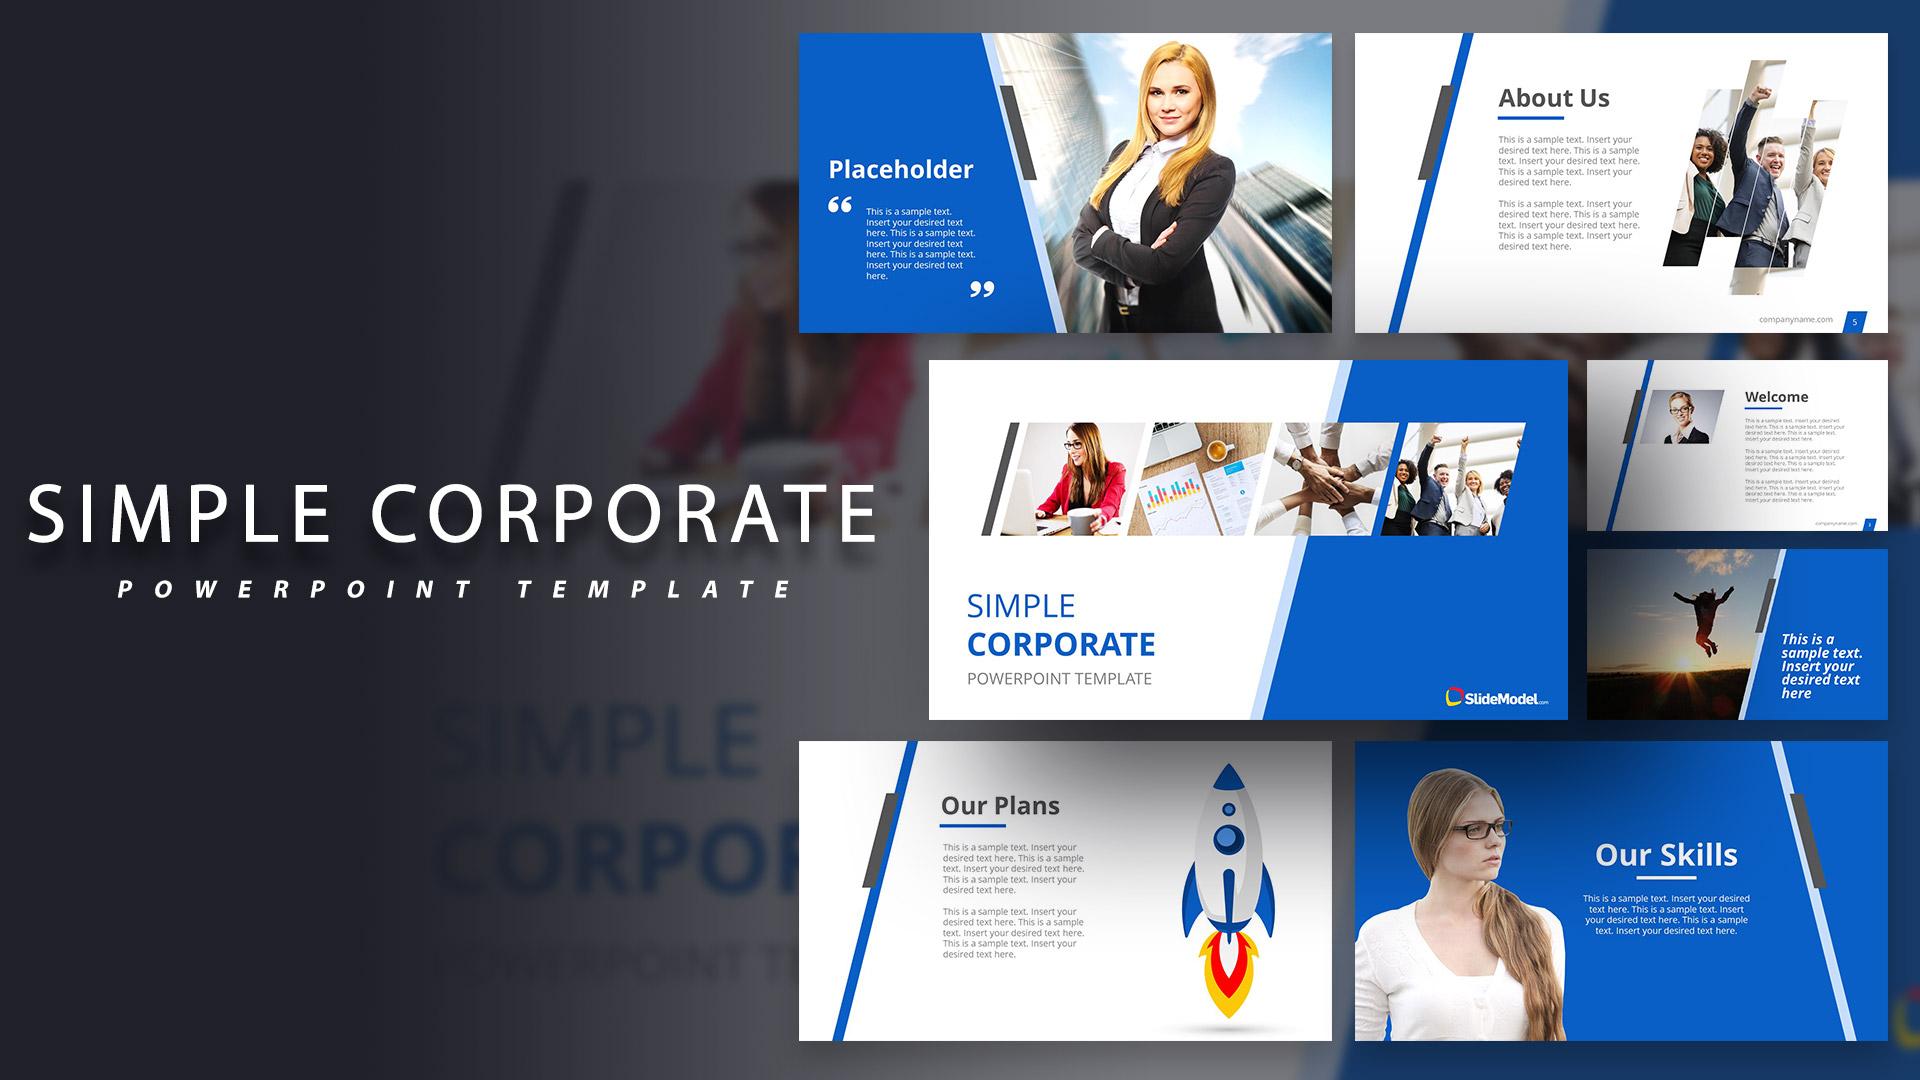 Simple Corporate Powerpoint Template Slidemodel